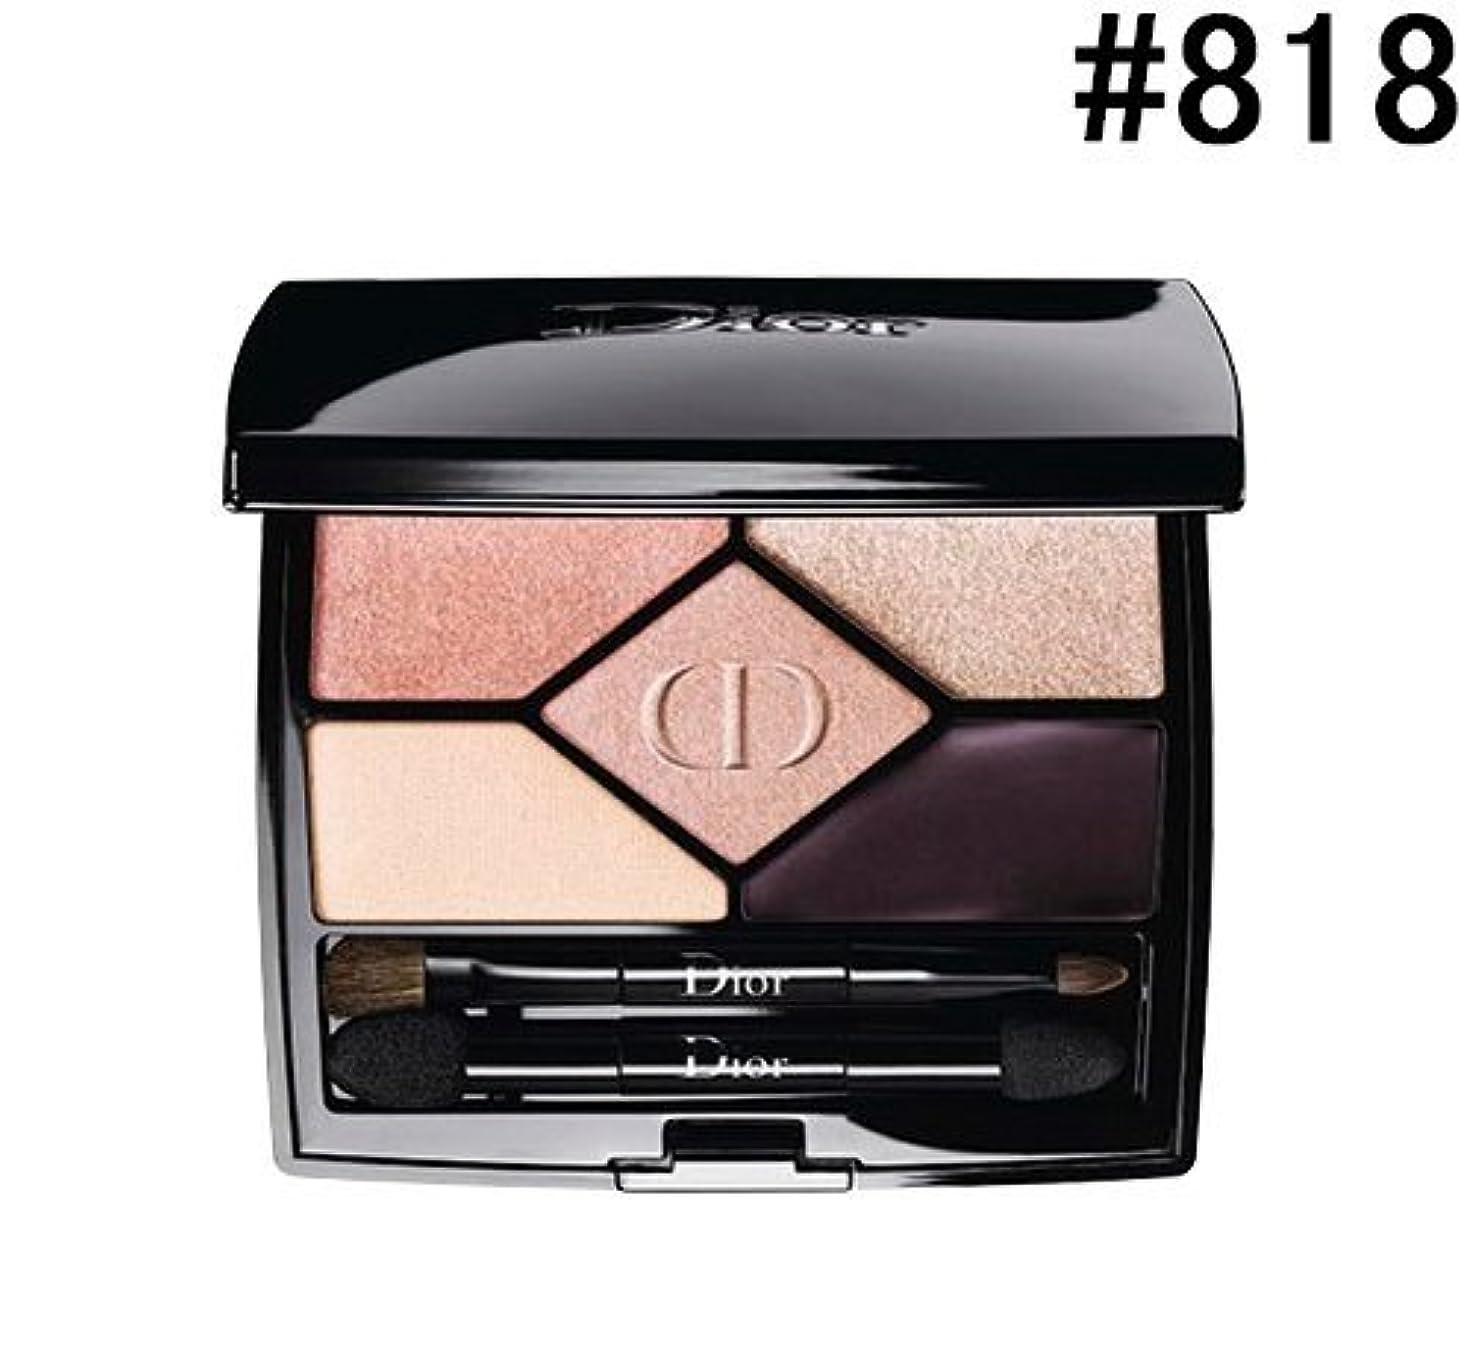 セージ危険看板Dior リニューアル サンククルールデザイナー #818 ローズデザイン 5.7g [257817] [並行輸入品]